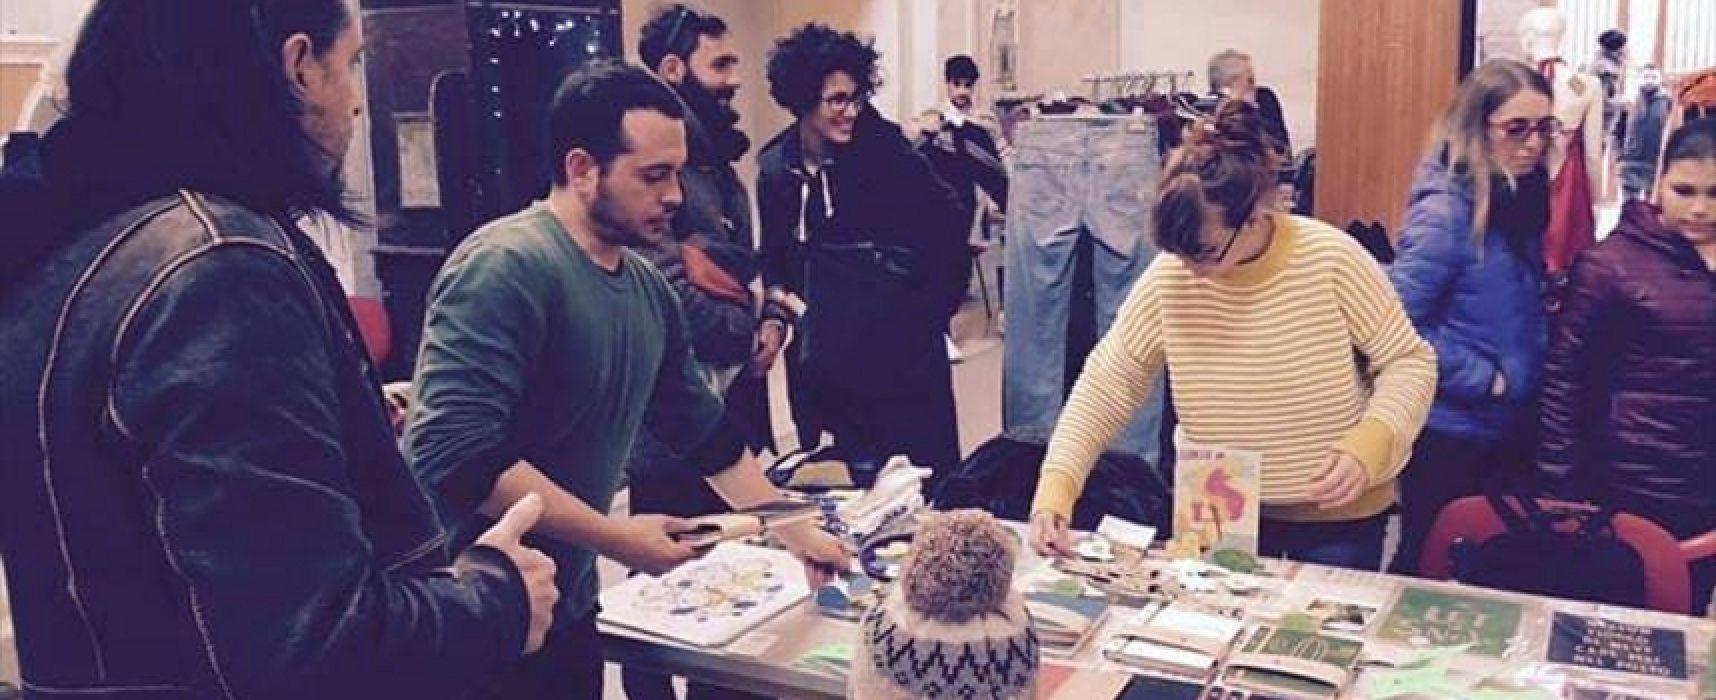 L'associazione Mosquito organizza mercatino urbano e laboratori creativi per grandi e bambini